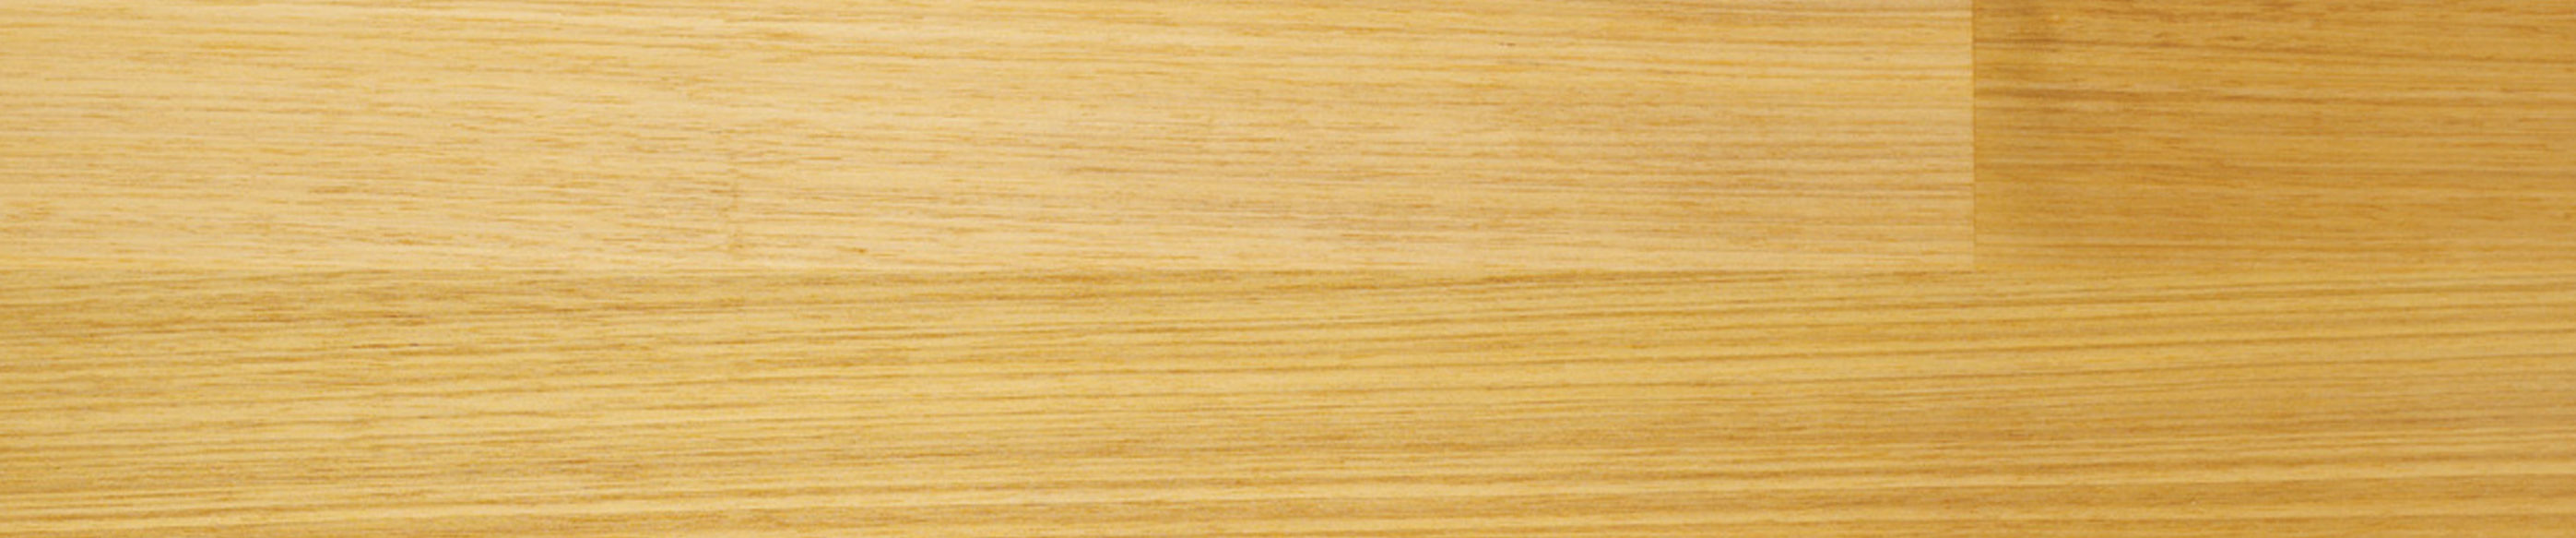 Instalacion TARIMA flotante madera IMA tauari en Asturias y venta a toda España